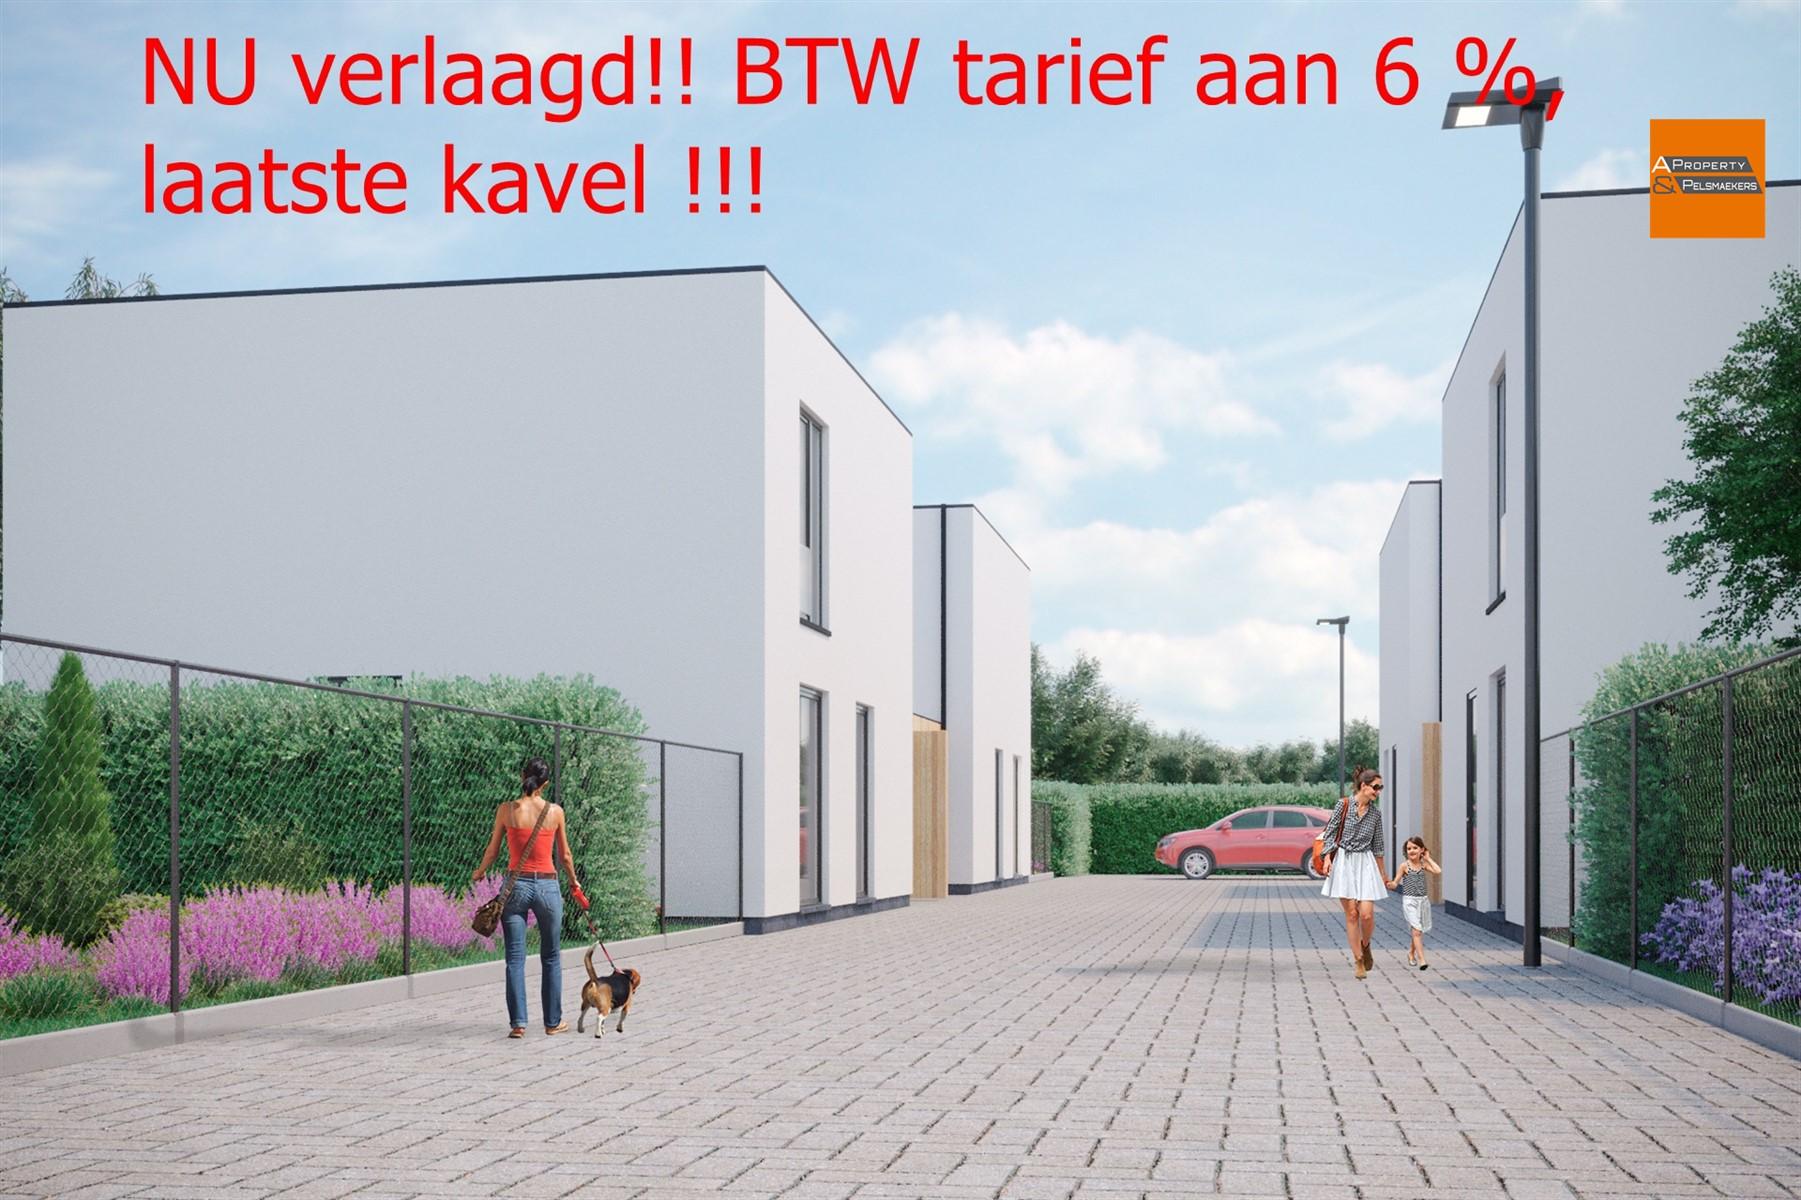 Nieuwbouw : Verkaveling Adelhof 8 loten voor nieuwbouw woningen in MEERBEEK (3078) - Prijs Van € 429.000 tot € 493.500